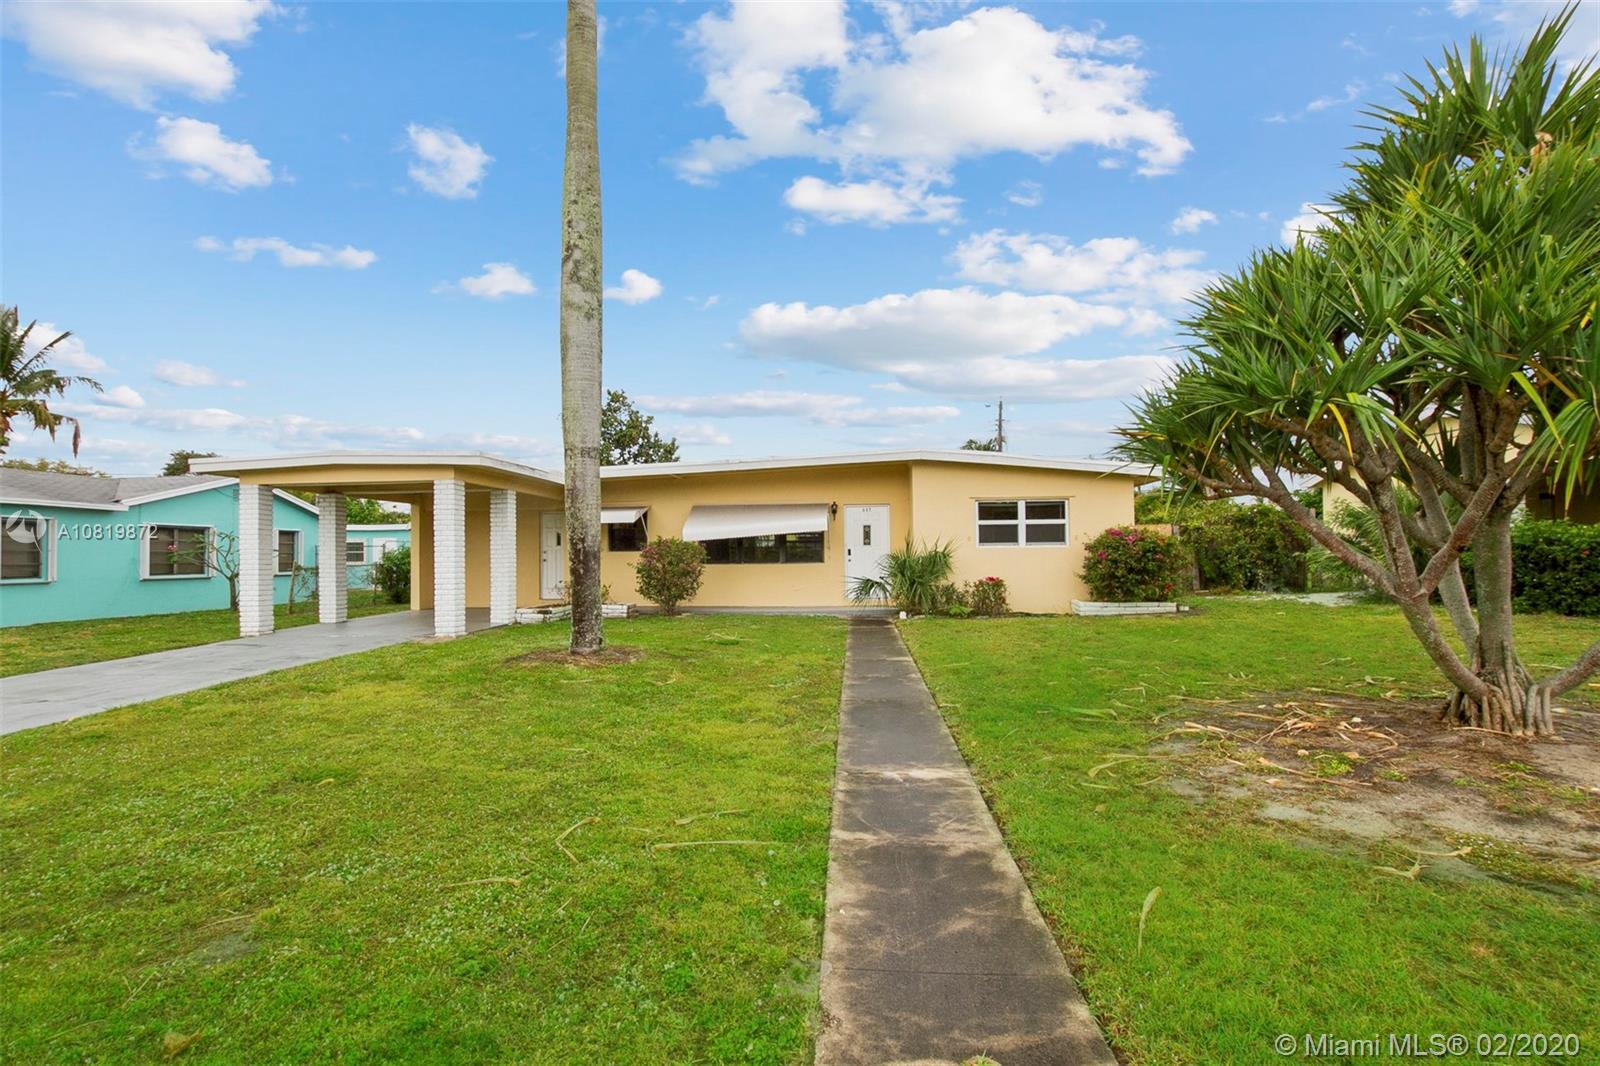 337 E Jasmine Dr, Lake Park, FL 33403